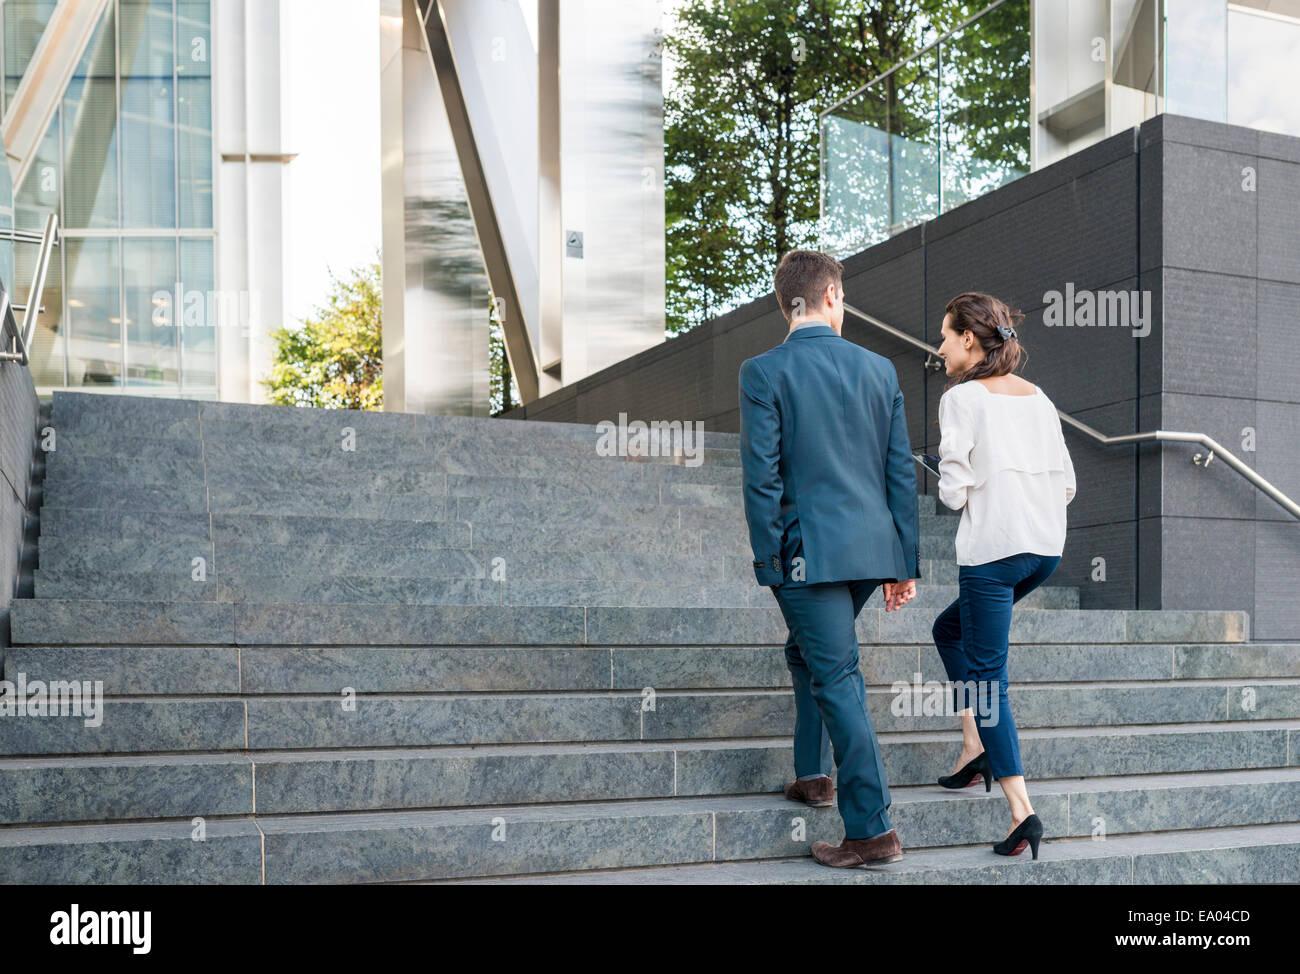 Partnersh Imágenes De Stock & Partnersh Fotos De Stock - Alamy